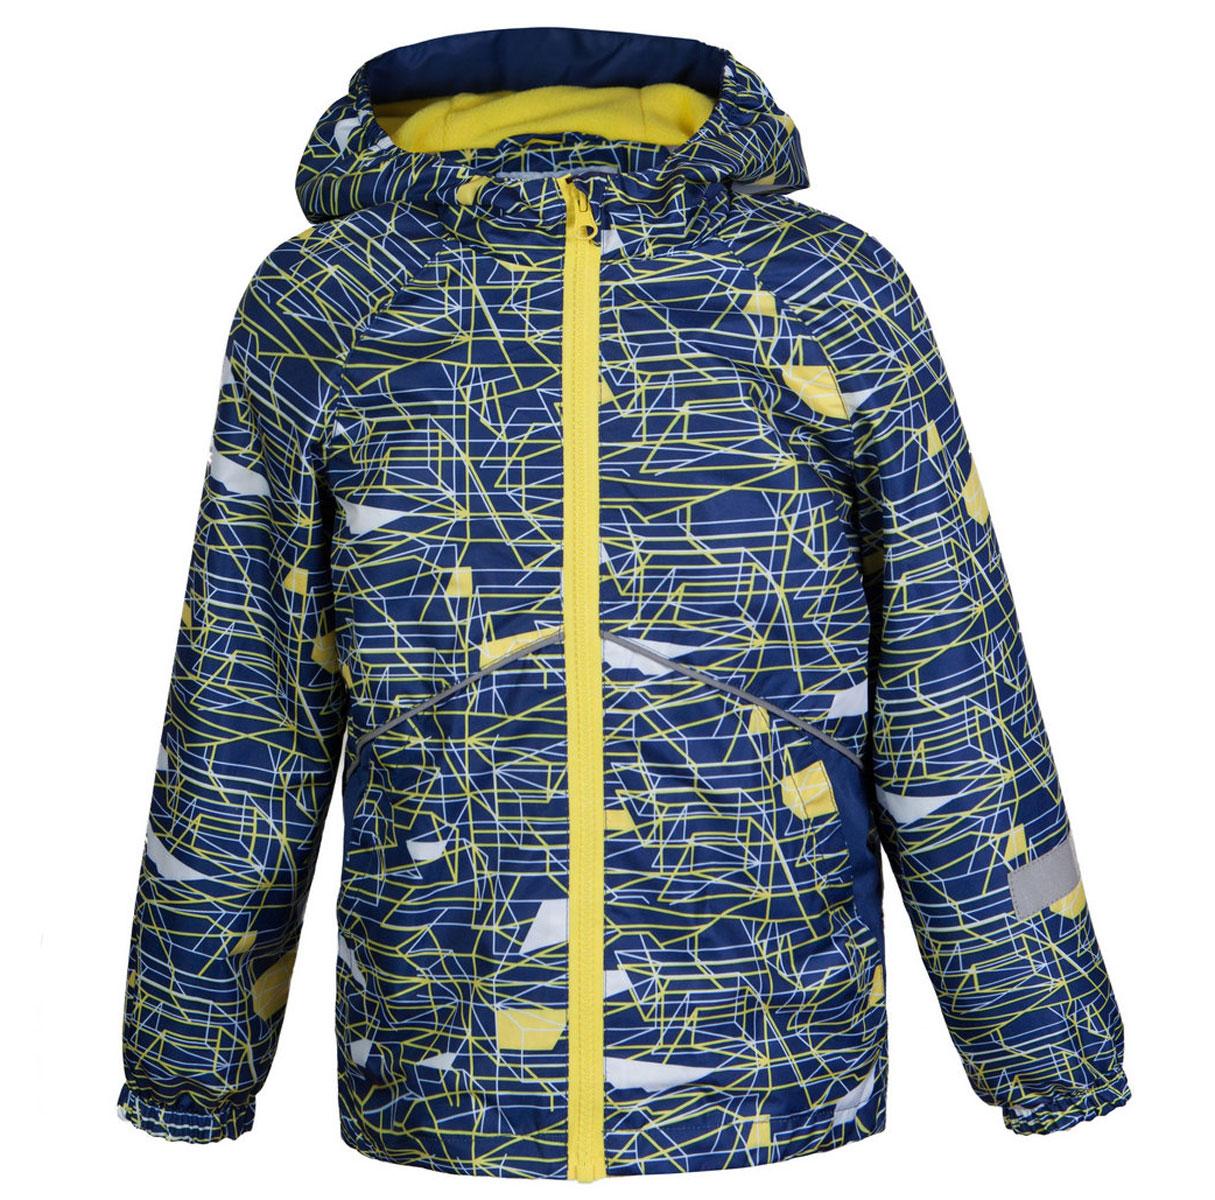 Ветровка3К1718Легкая весенняя ветровка от Jicco By Oldos из принтованной курточной ткани станет украшением весеннего гардероба! Такая курточка идеально подойдет на ветреную погоду с температурой +10…+20 С, защитит от легкого весеннего дождика и переменчивого ветра. Флисовая подкладка на грудке, спинке и в капюшоне. Внутренняя ветрозащитная планка с защитой подбородка от прищемления; капюшон не отстегивается, для лучшего прилегания по бокам вшита резинка; манжеты на резинке; регулируемая утяжка по низу. Ветровка оснащена светоотражающими элементами и карманами на молнии.